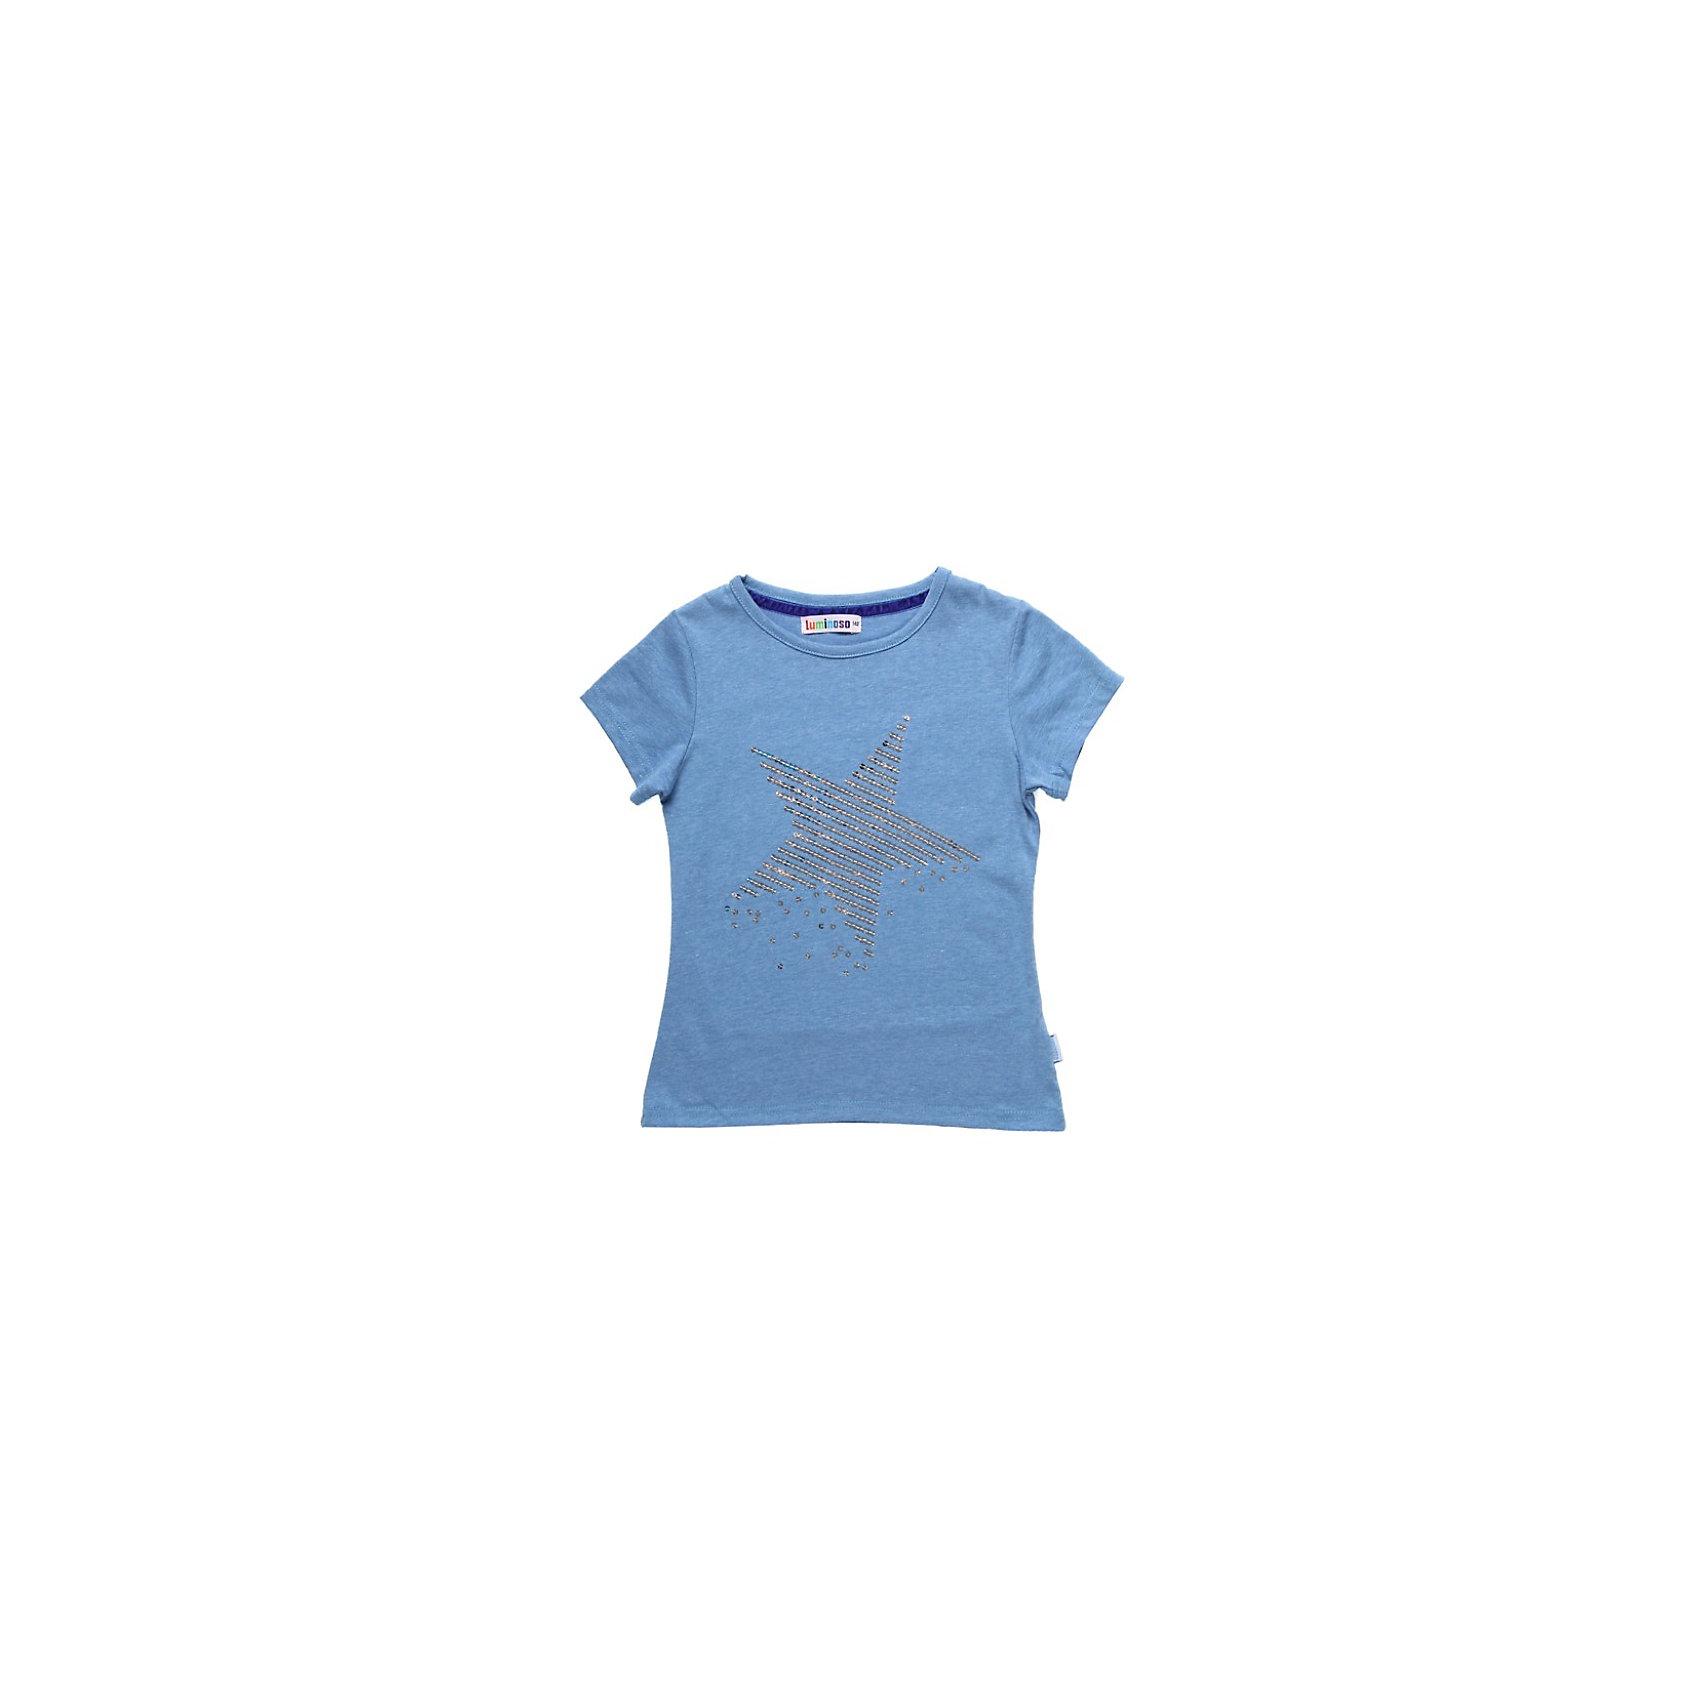 Футболка для девочки LuminosoМеланжевая футболка для девочки. Декорирована узором из пайеток ввиде звезды. Горловина украшена велюровой лентой.<br>Состав:<br>хлопок 95% эластан 5%<br><br>Ширина мм: 199<br>Глубина мм: 10<br>Высота мм: 161<br>Вес г: 151<br>Цвет: голубой<br>Возраст от месяцев: 156<br>Возраст до месяцев: 168<br>Пол: Женский<br>Возраст: Детский<br>Размер: 164<br>SKU: 3762043